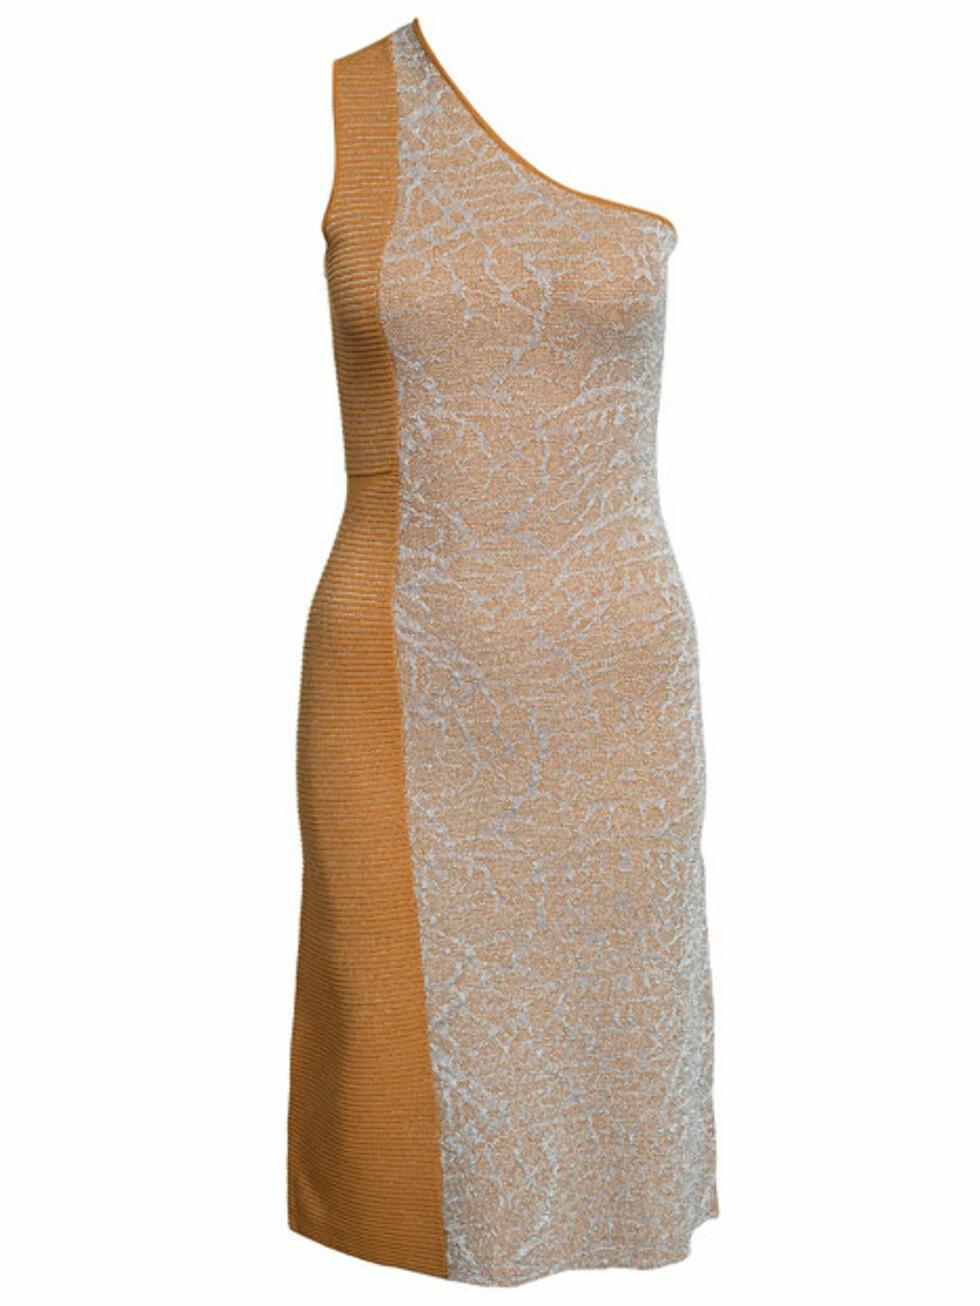 Kjole fra Dagmar via Nelly.com | kr 1497 |  http://my.nelly.com/link/click/18423